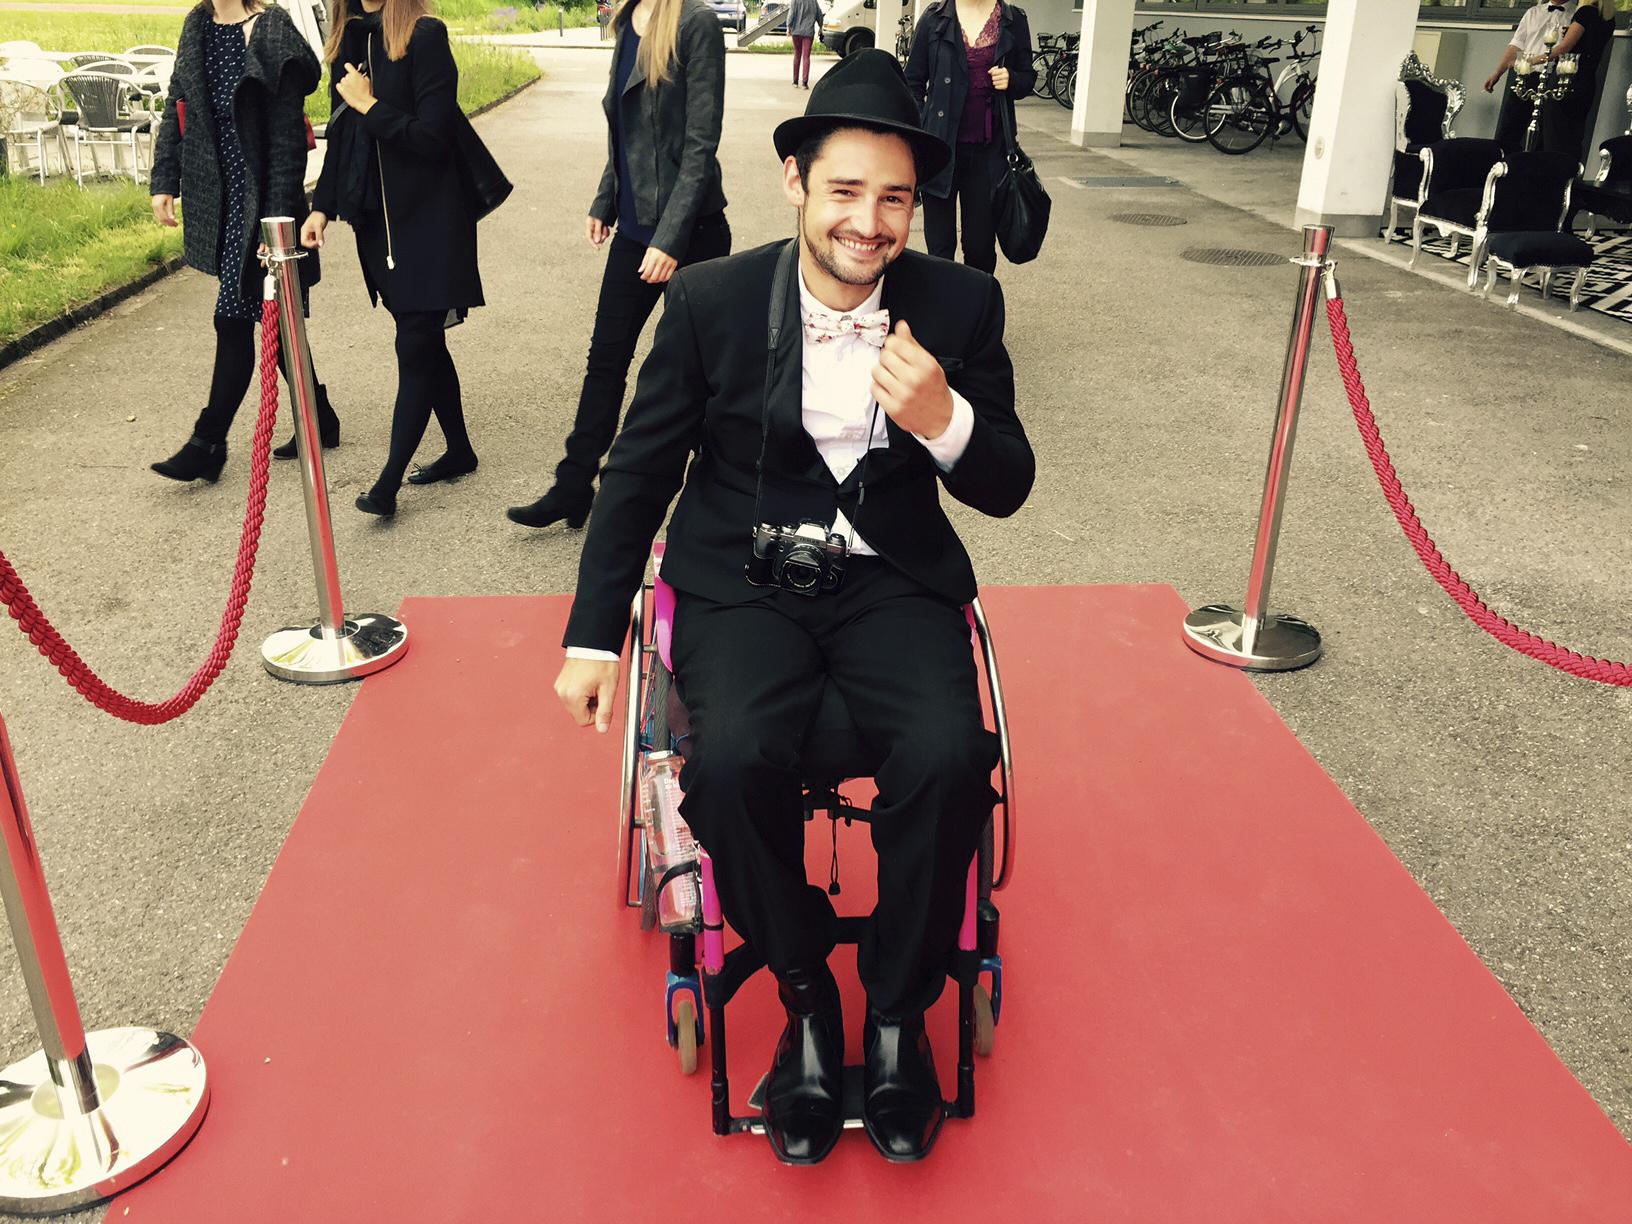 Der Rollstuhlfahrer besucht eine Veranstaltung mit rotem Teppich.